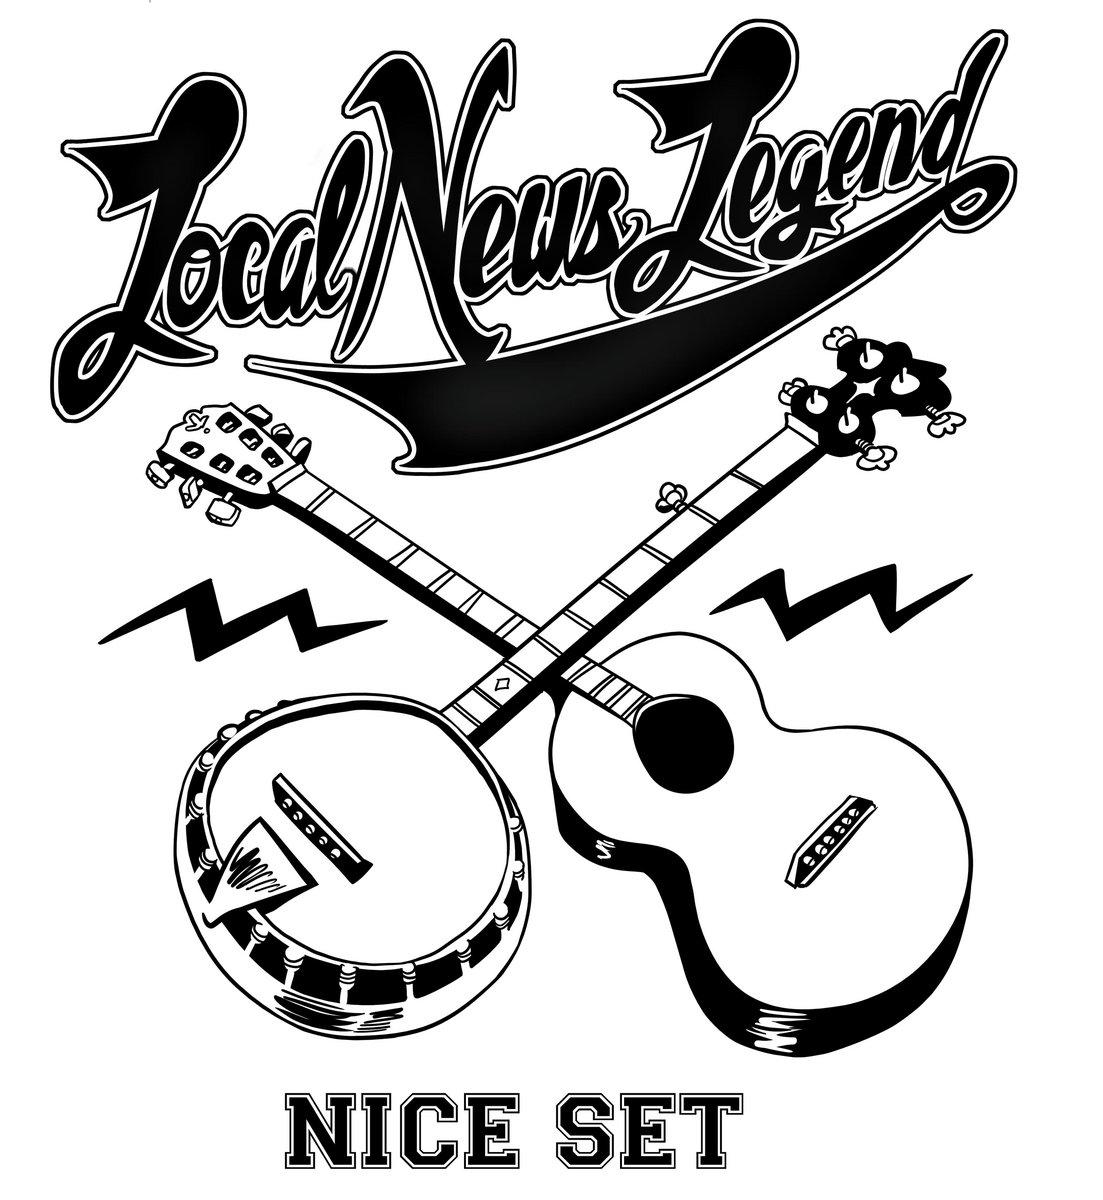 Nice Set   LocalNewsLegend